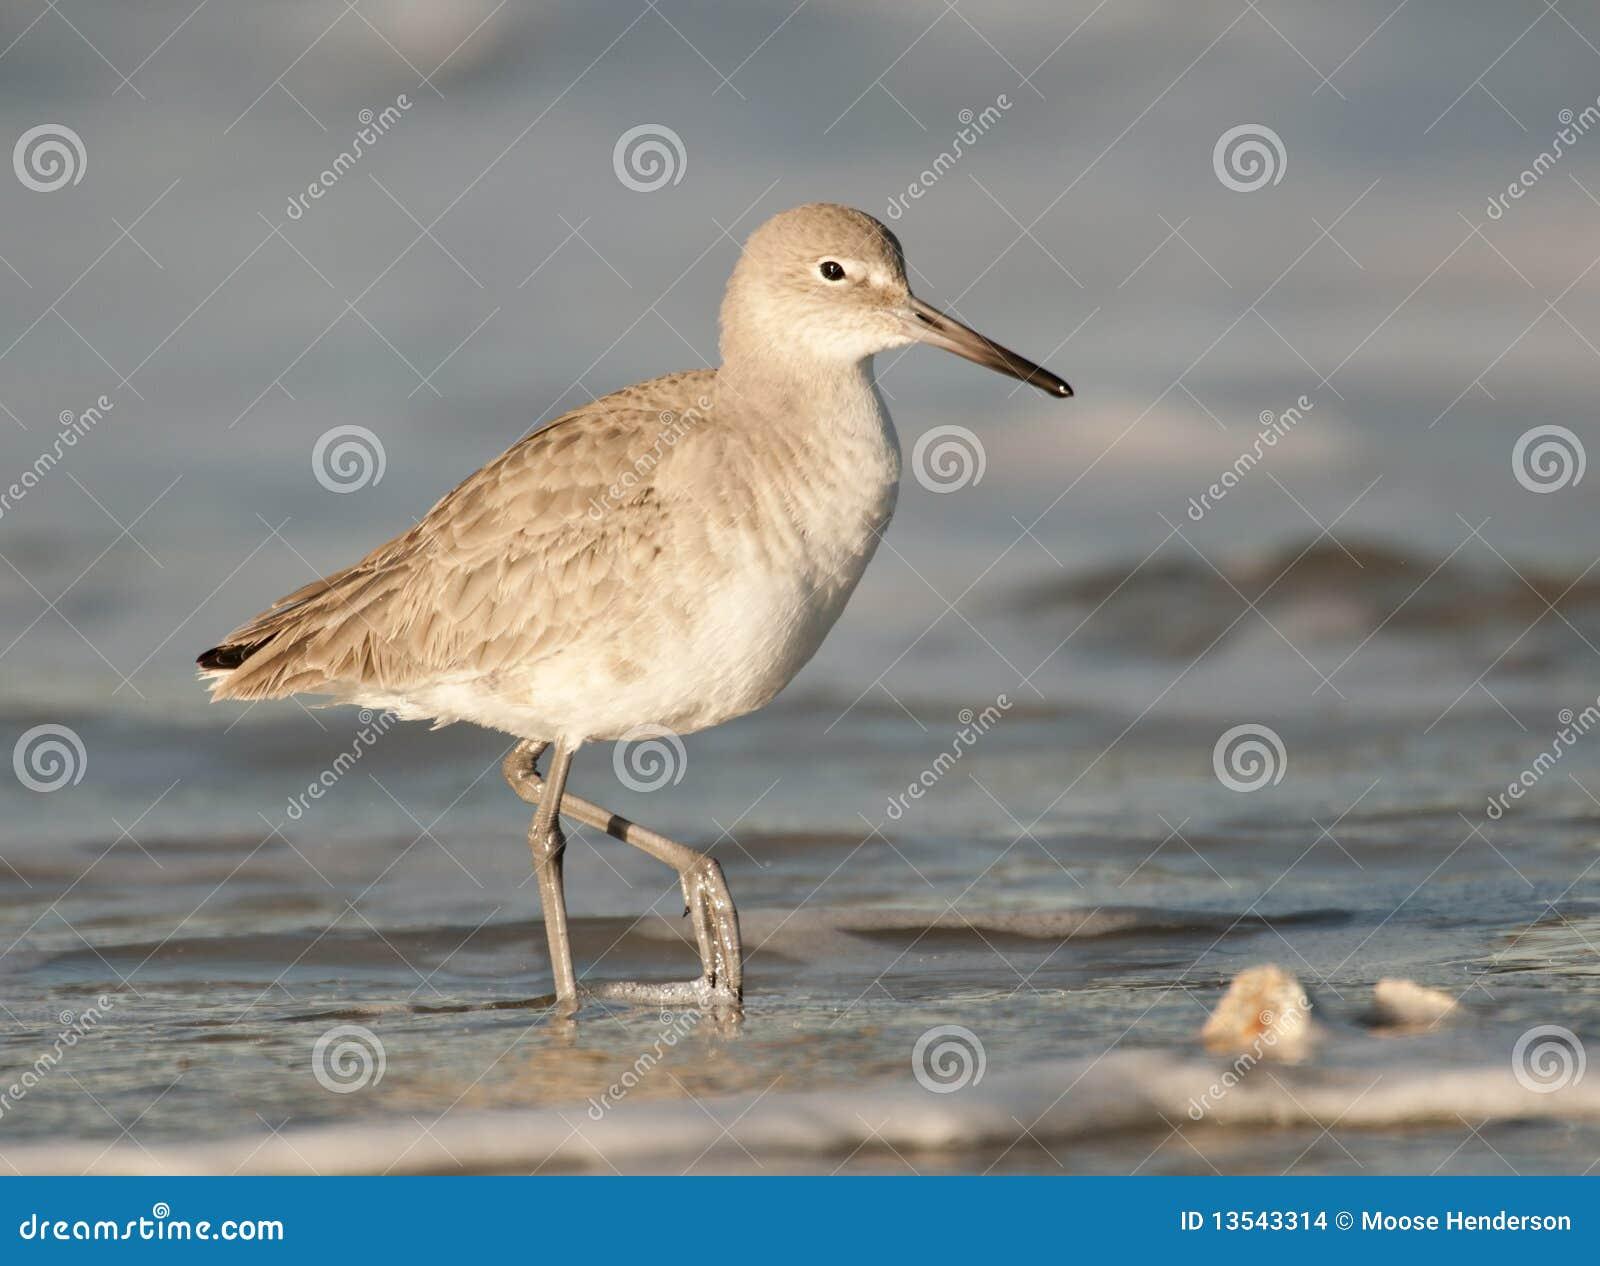 Eastern Willet Shorebird